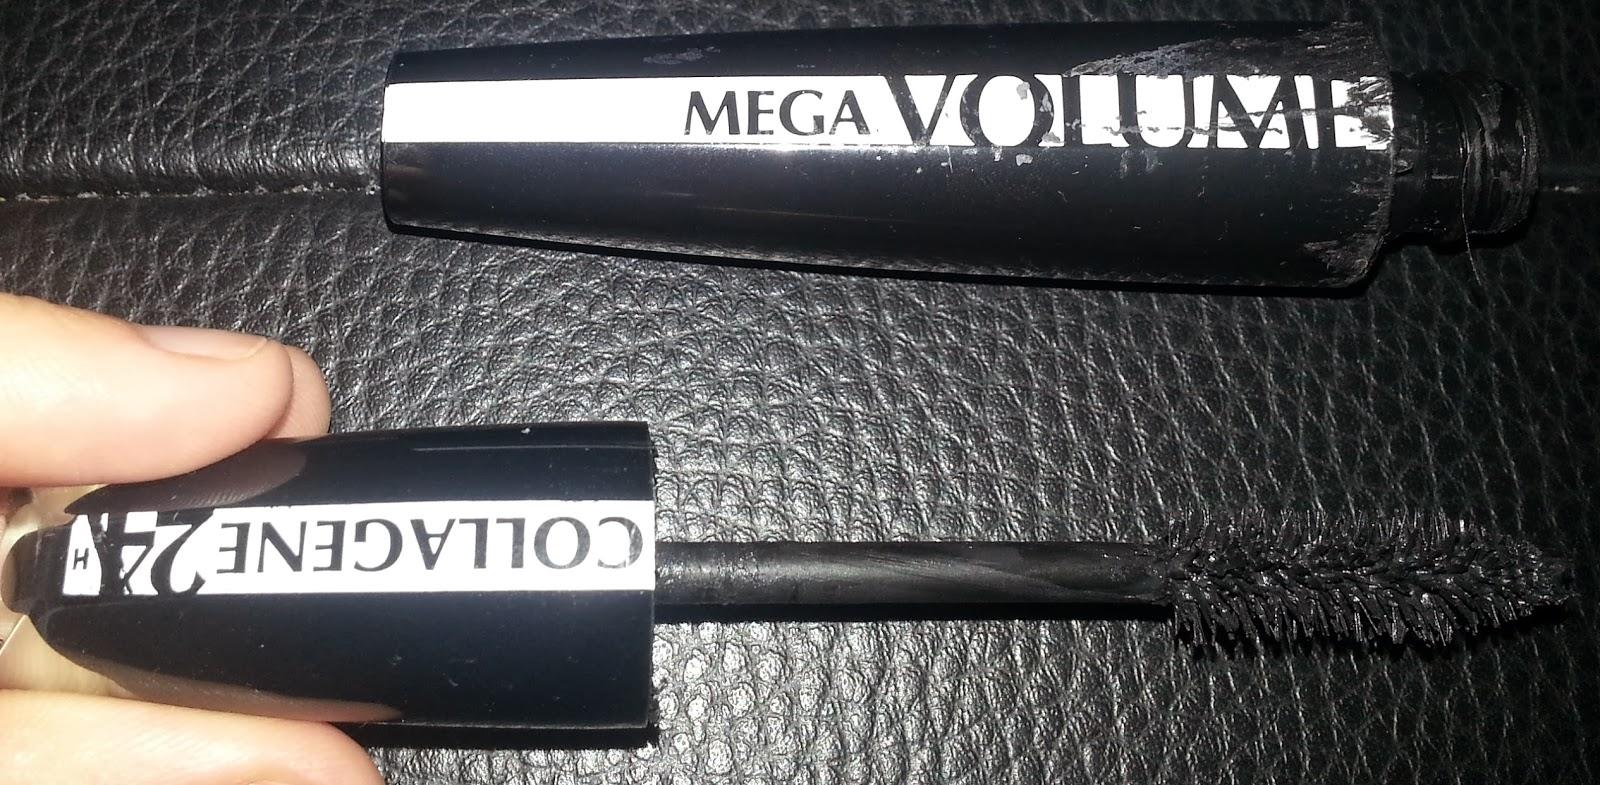 be94477a6c7 Aujourd'hui je vais vous parler d'un produit maquillage qui m'a accompagné  tout au long de cette année 2013, il s'agit du Mascara Mega volum collagene  24H ...